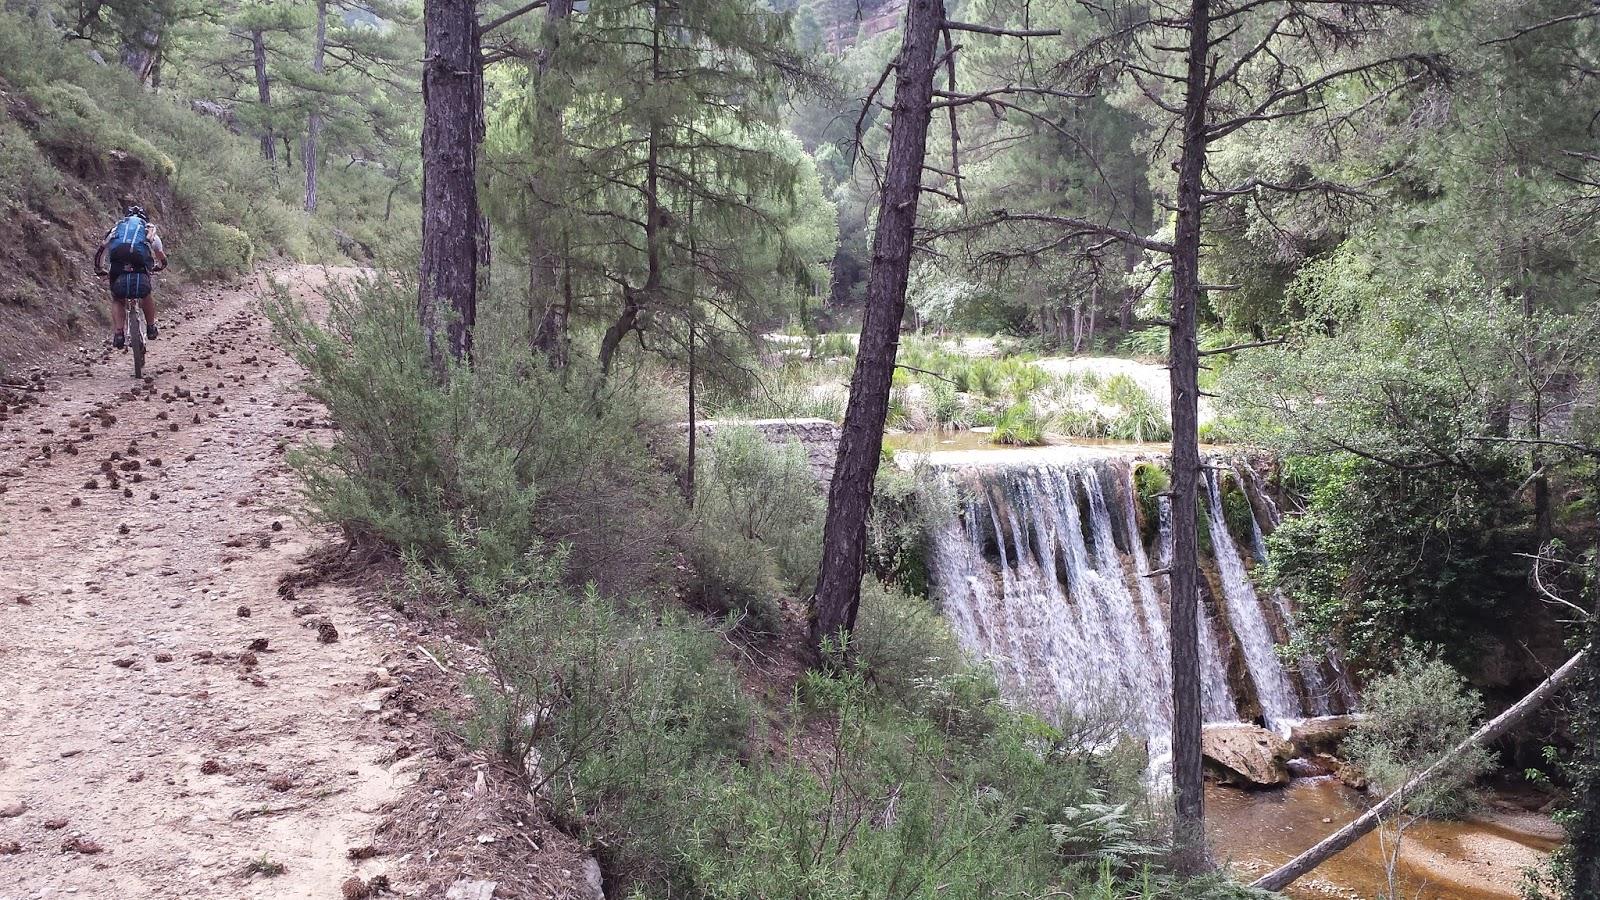 ... fuente y refugio casa forestal Fuente Acero donde reponemos agua y